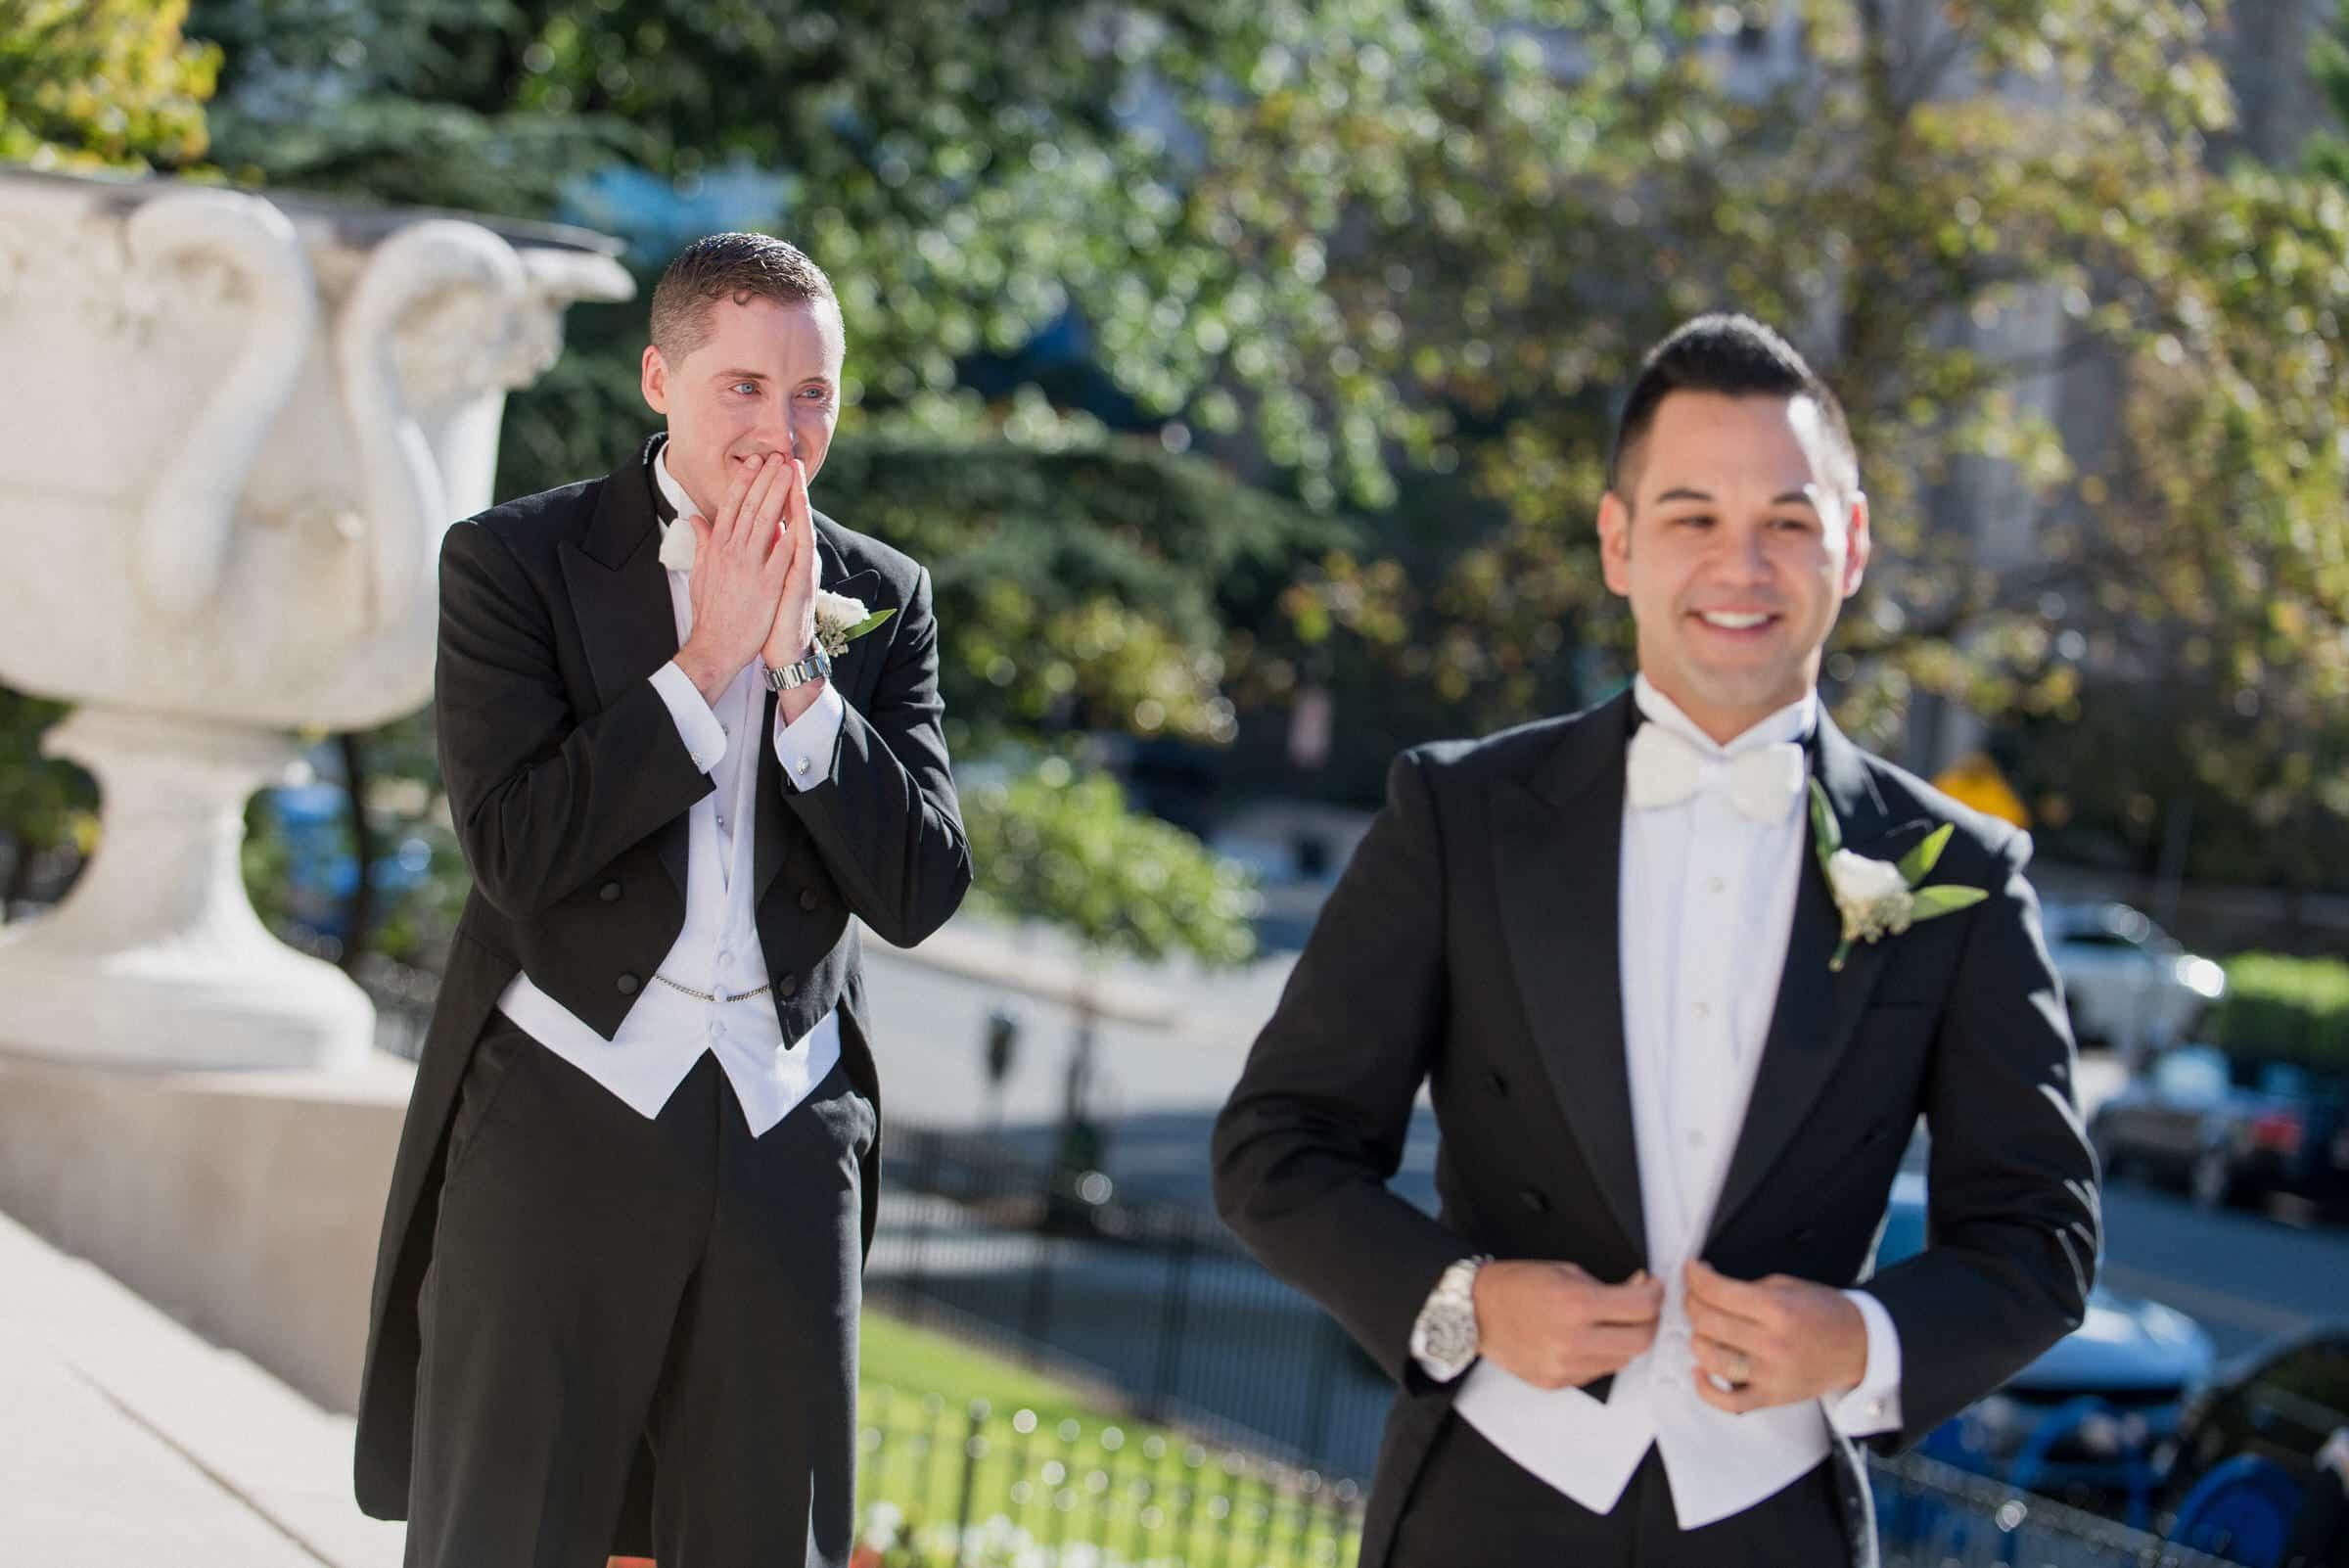 Ferenzi Photography Washington DC Carnegie Institute of Science Wedding